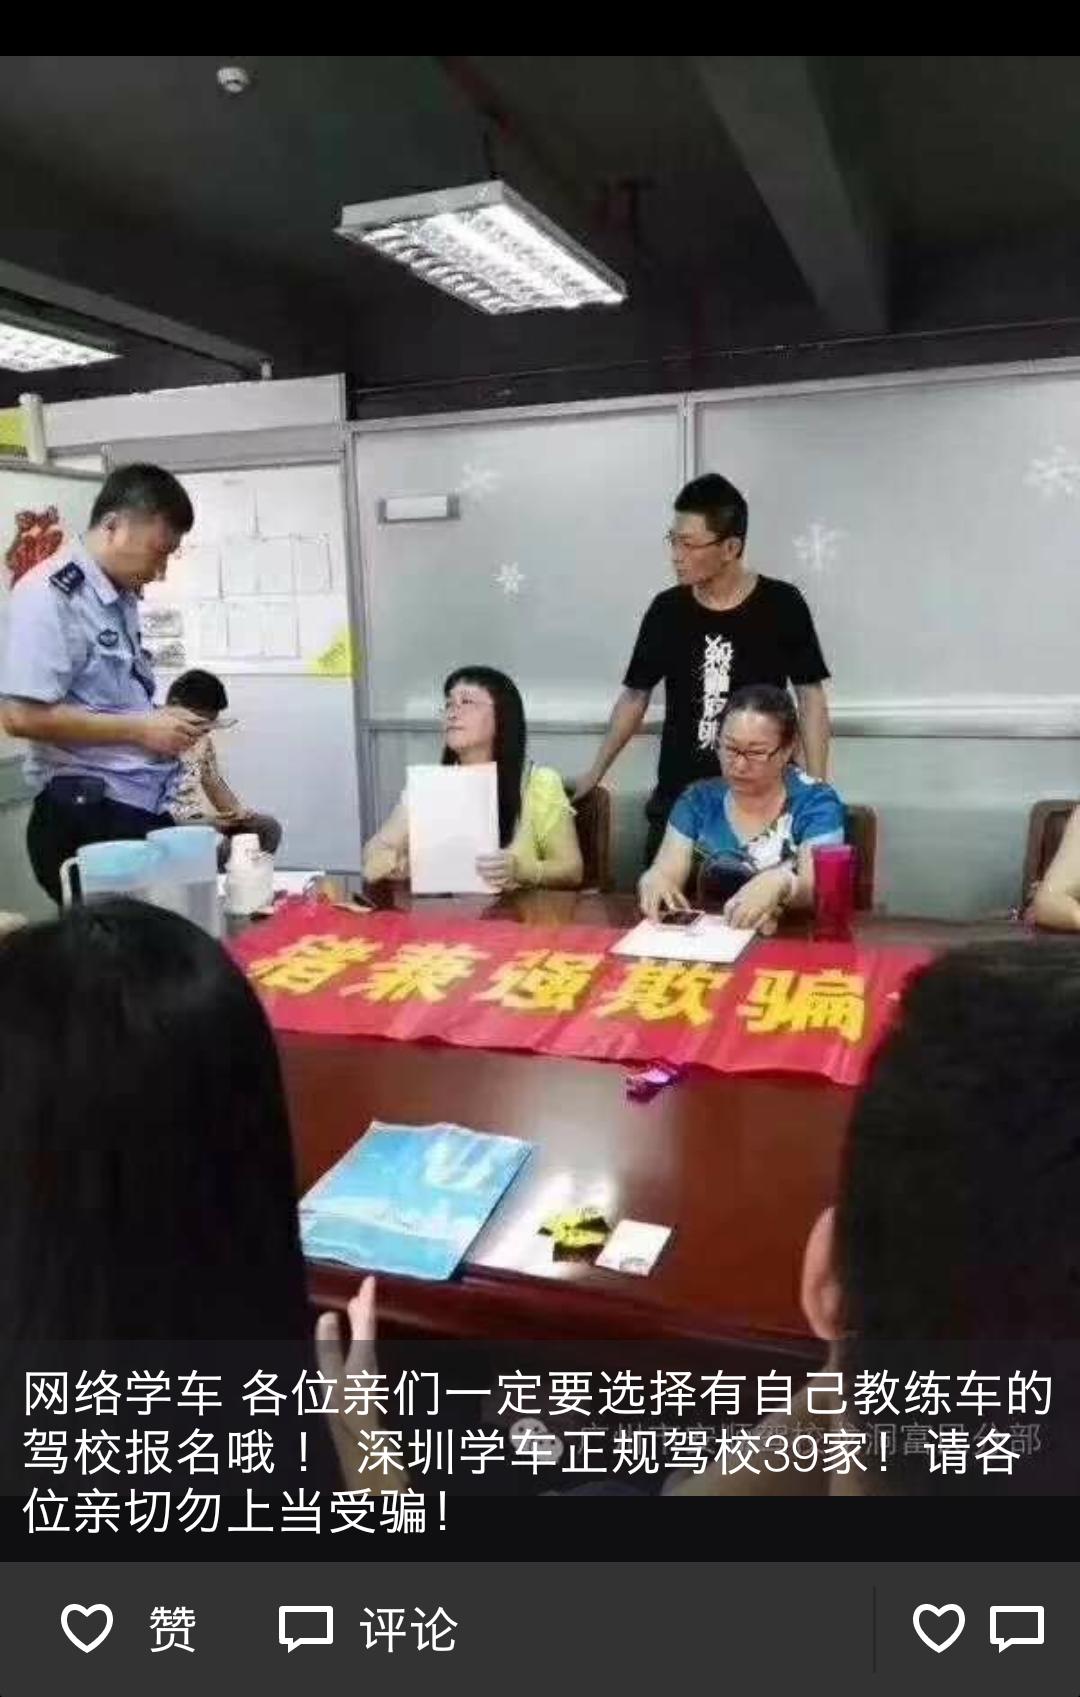 深圳猪兼强学车靠谱吗-学员对猪兼强驾校评价怎样?